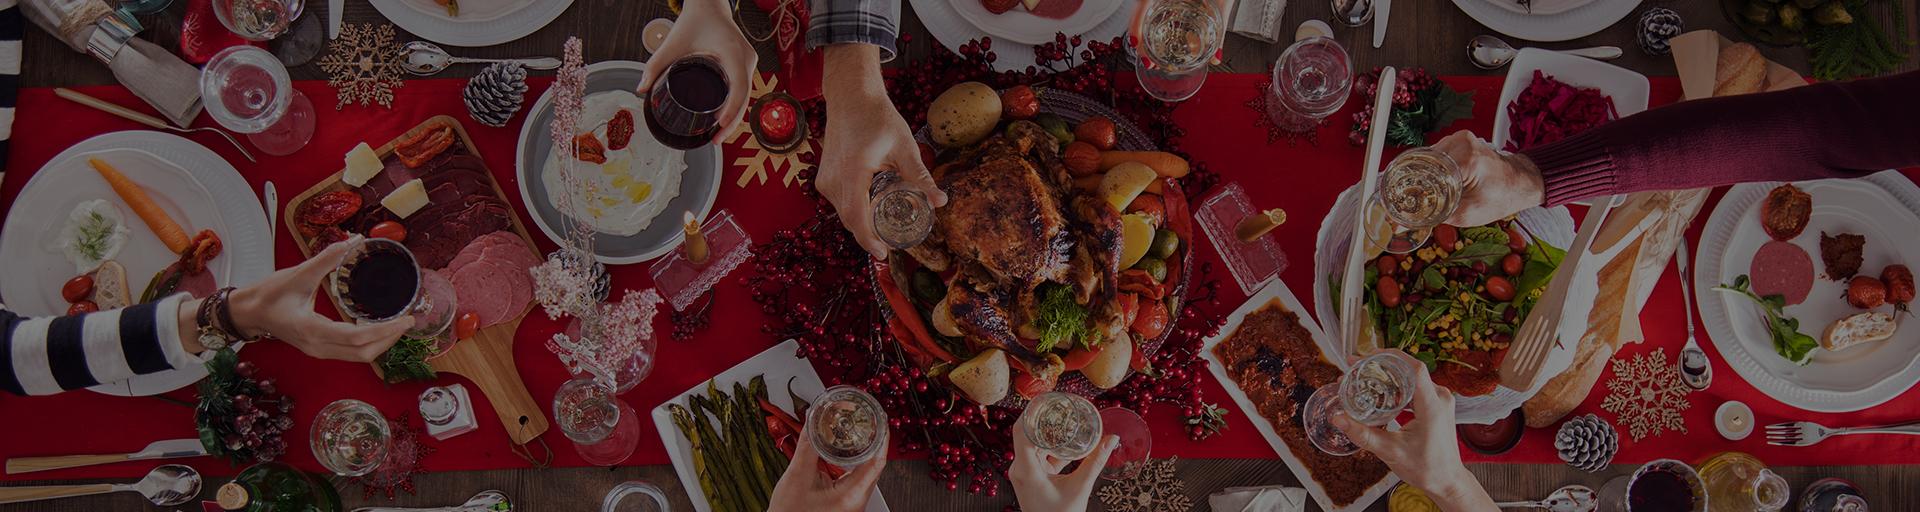 Cena tradicional de pavo en Navidad